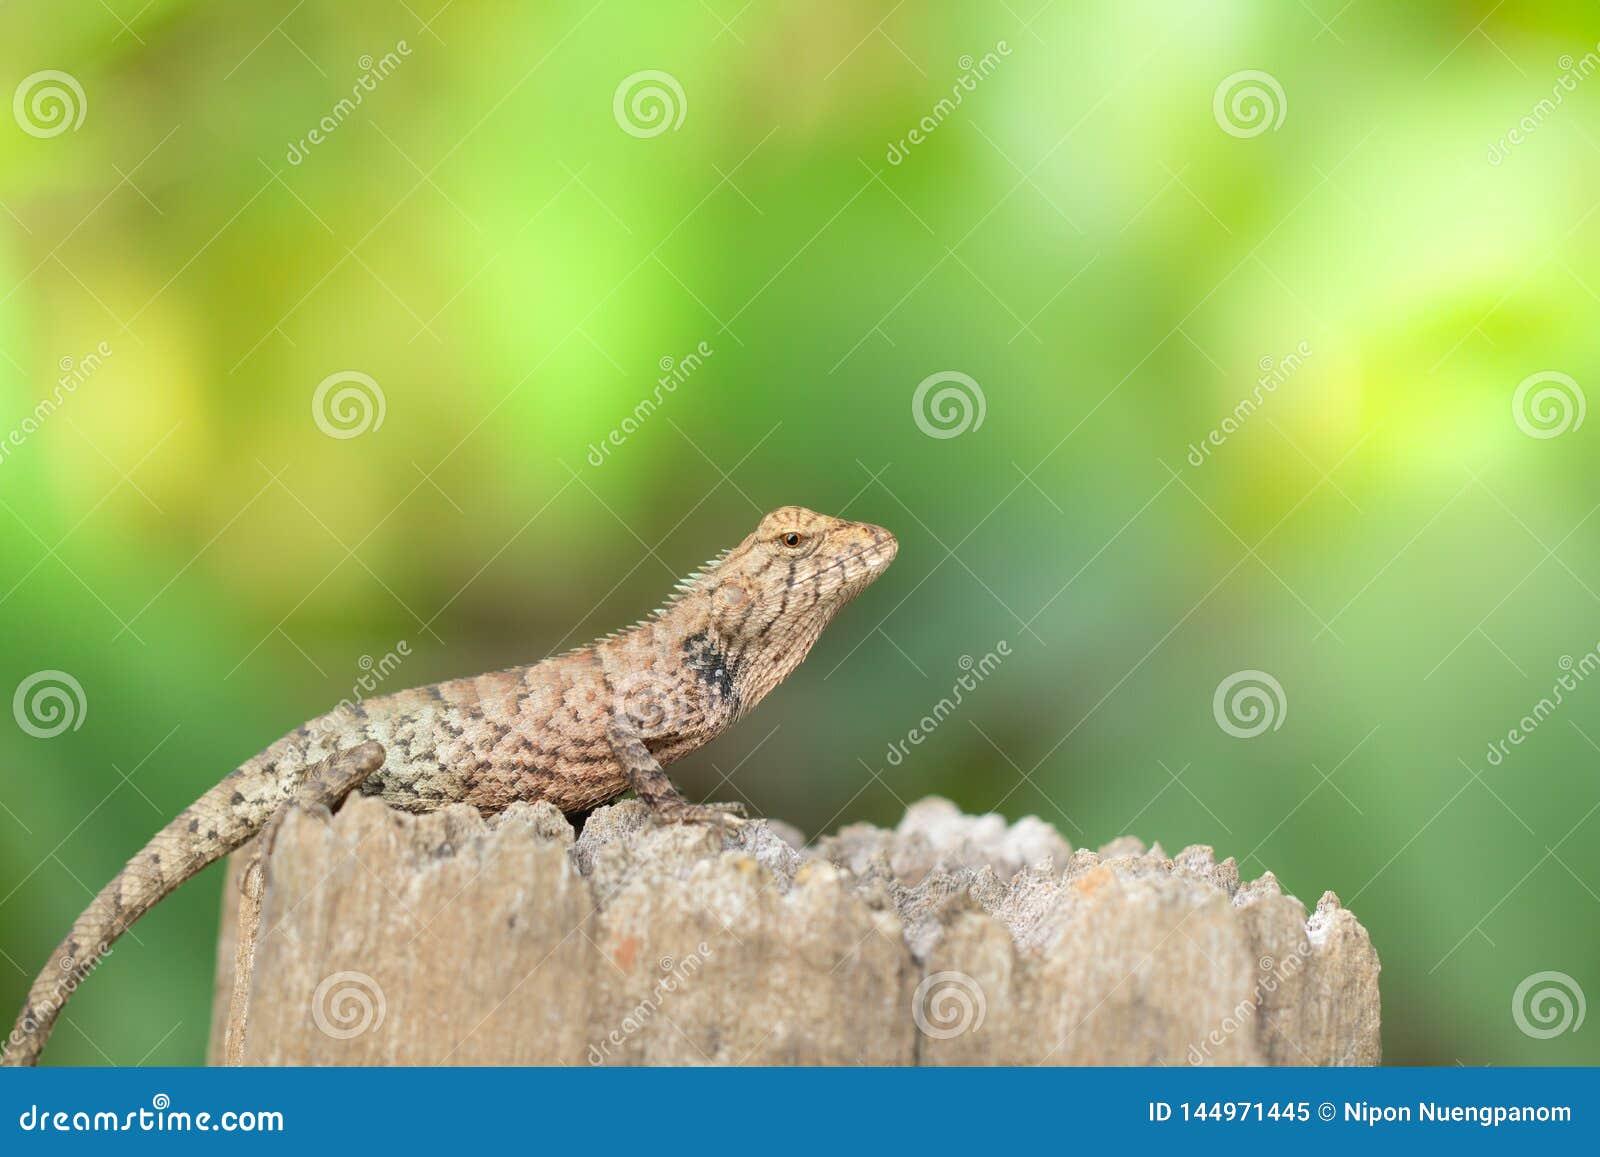 El camaleón asiático toma el sol en tocón por mañana